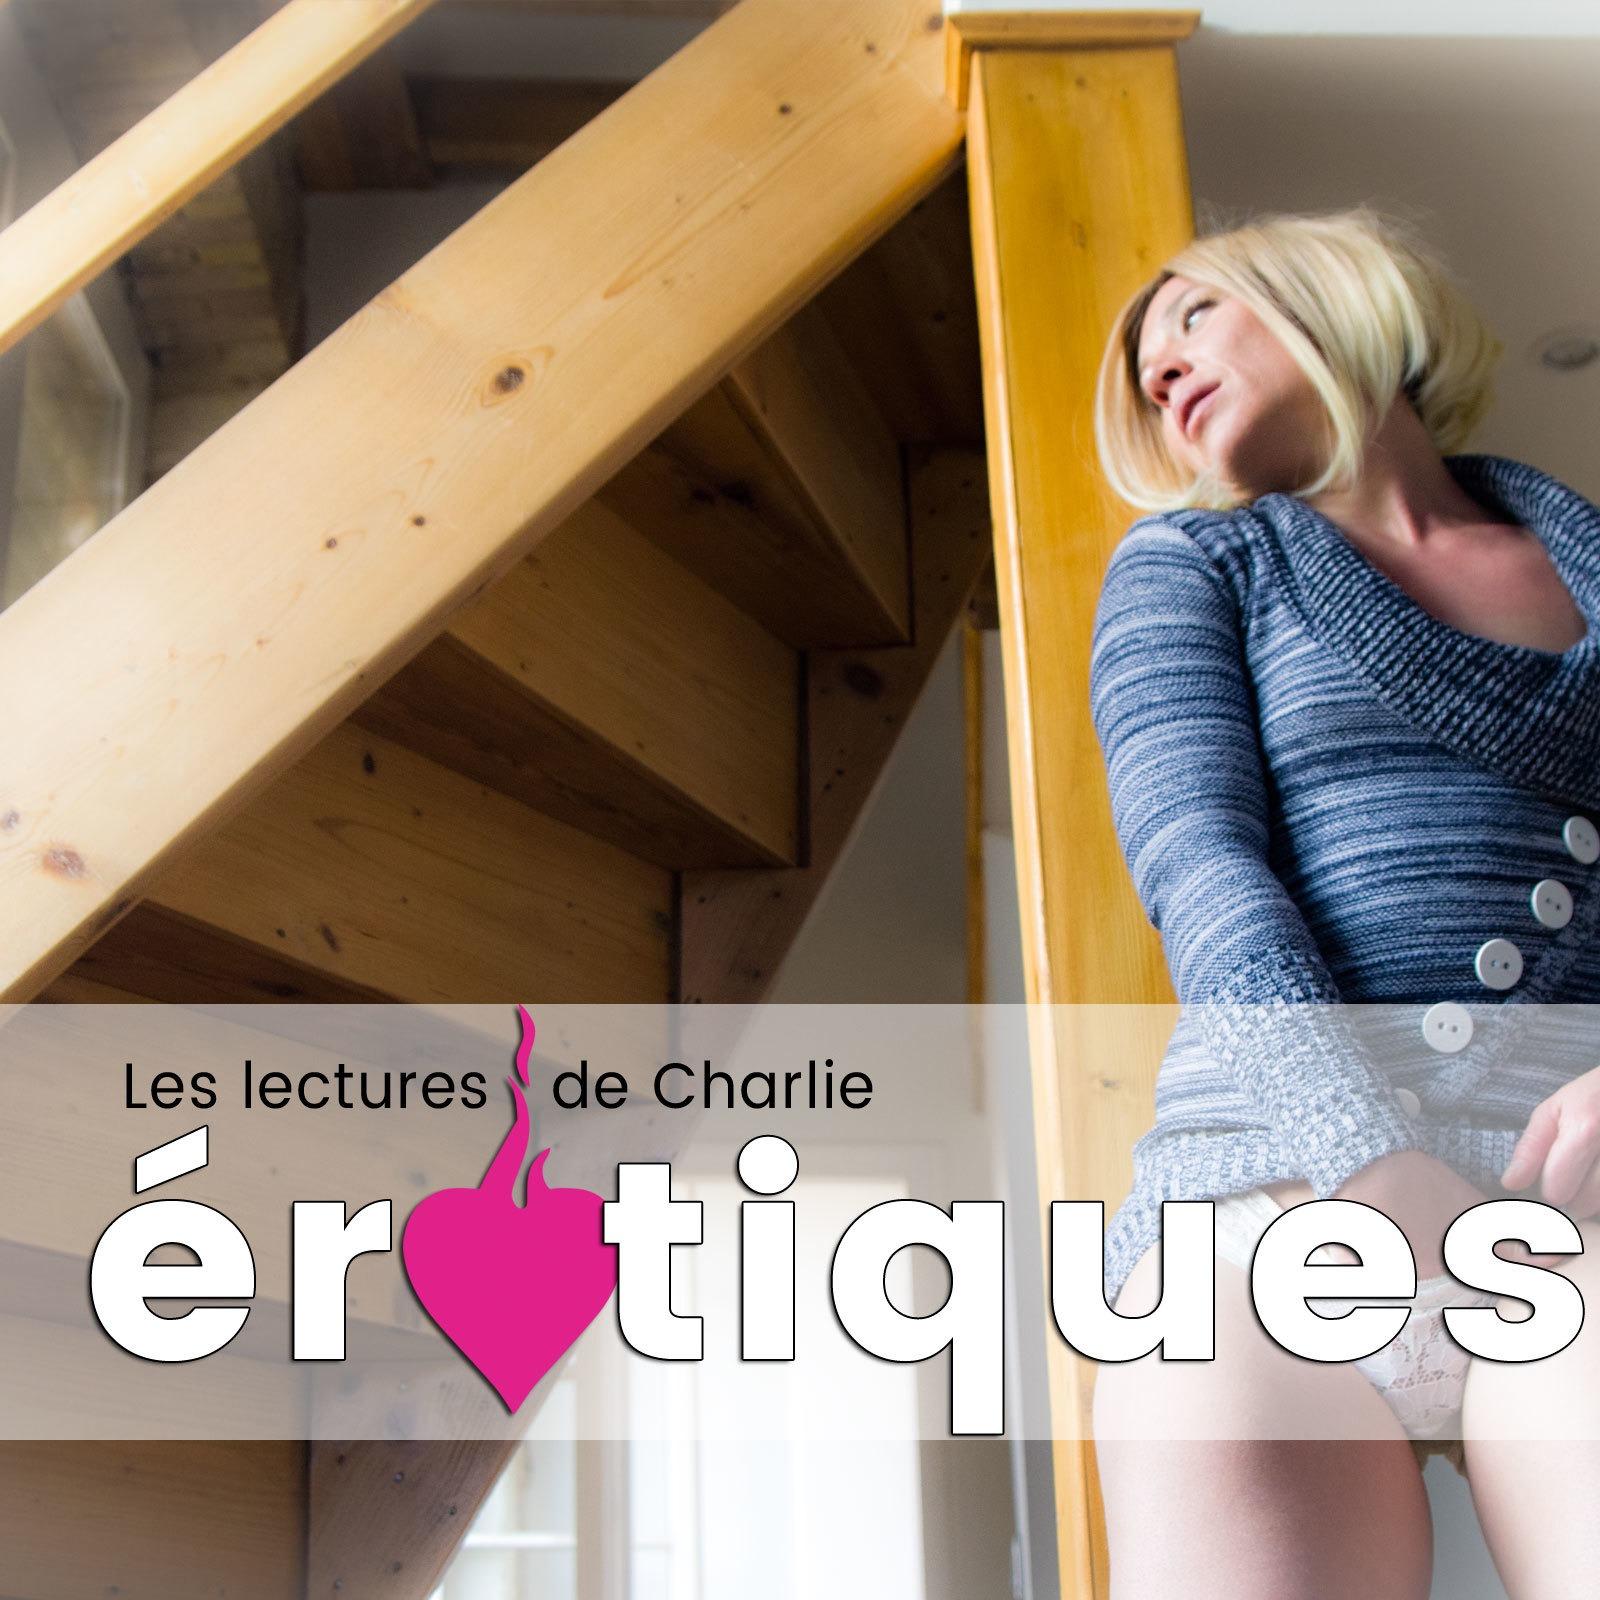 La bourgeoise, très bon roman porno G. Debrisac